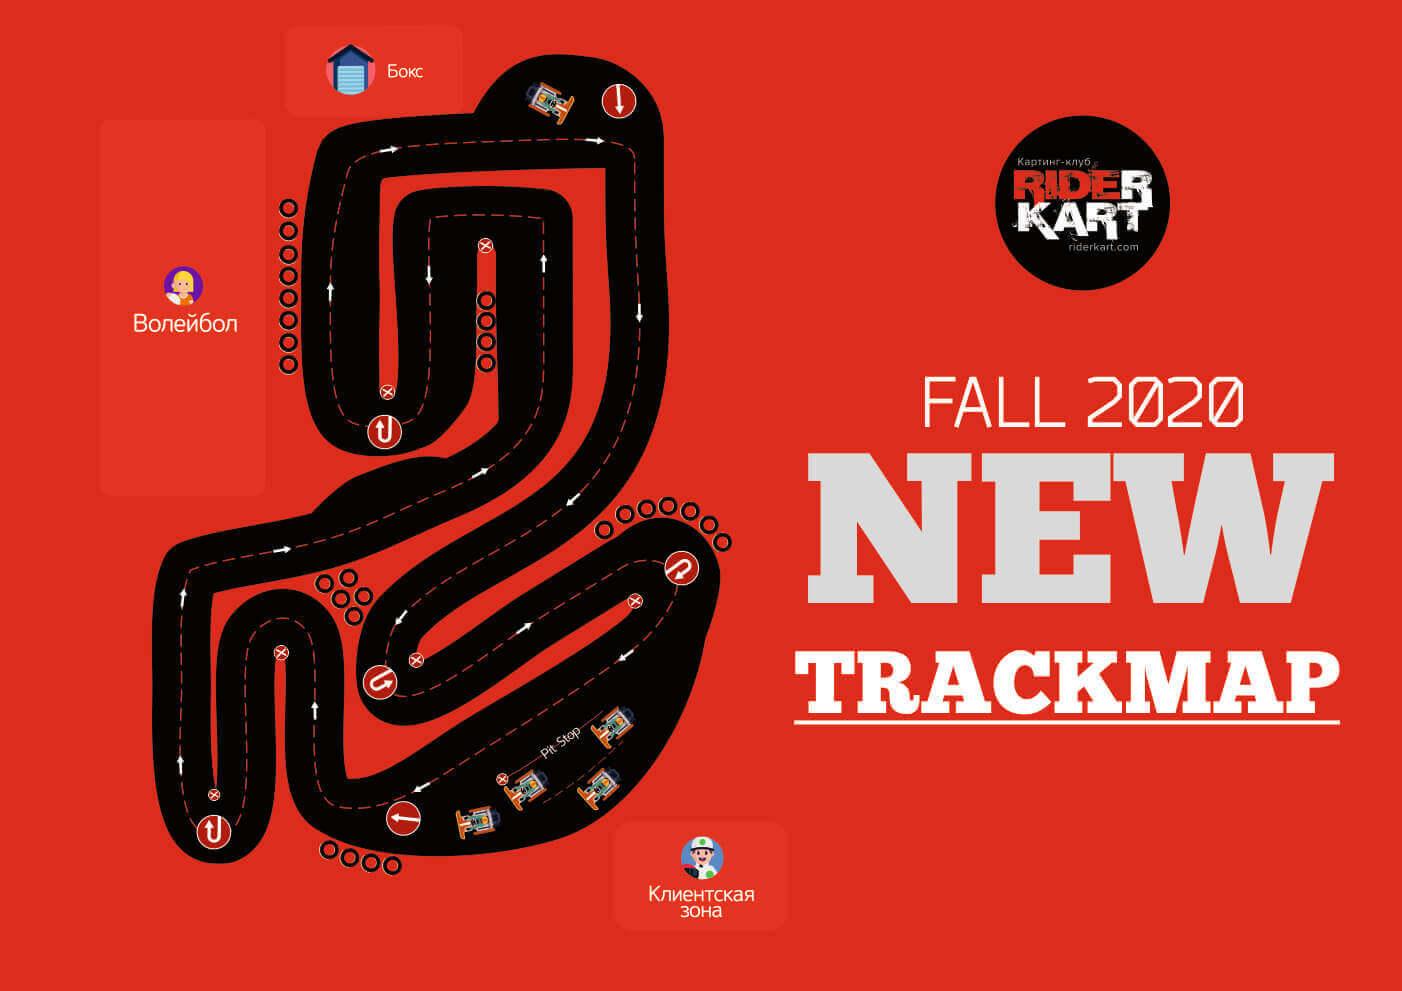 riderkart new track map for riderkart